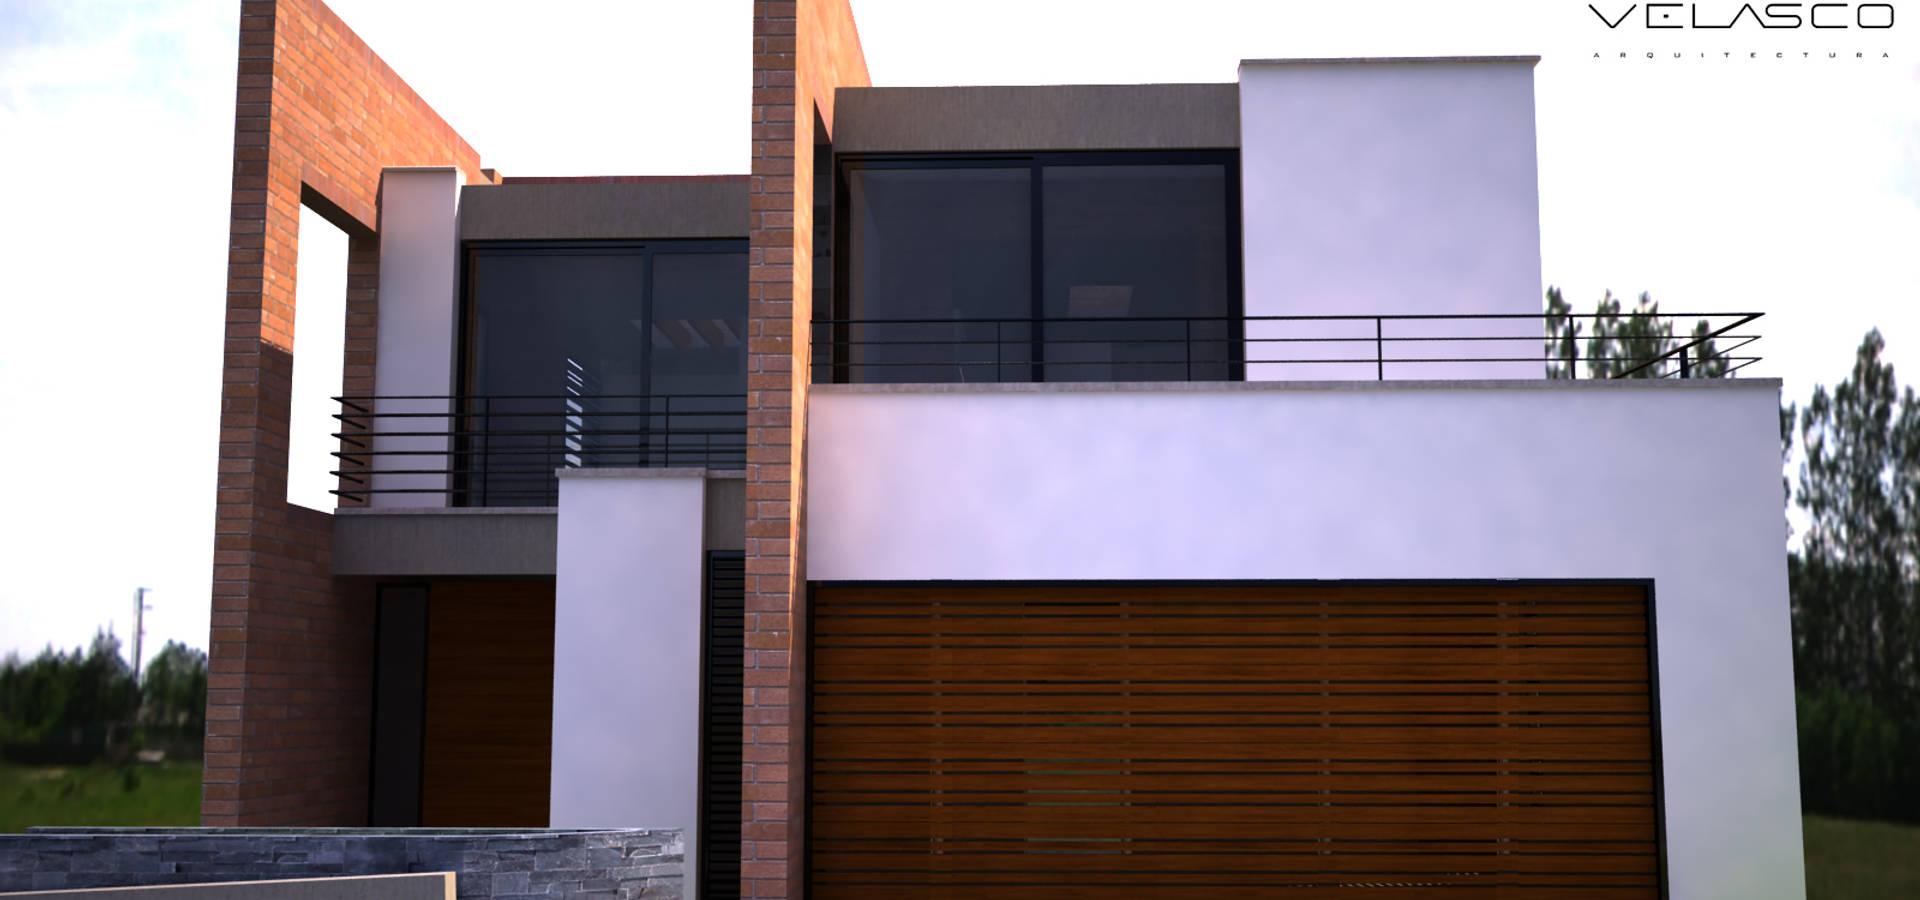 Velasco Arquitectura